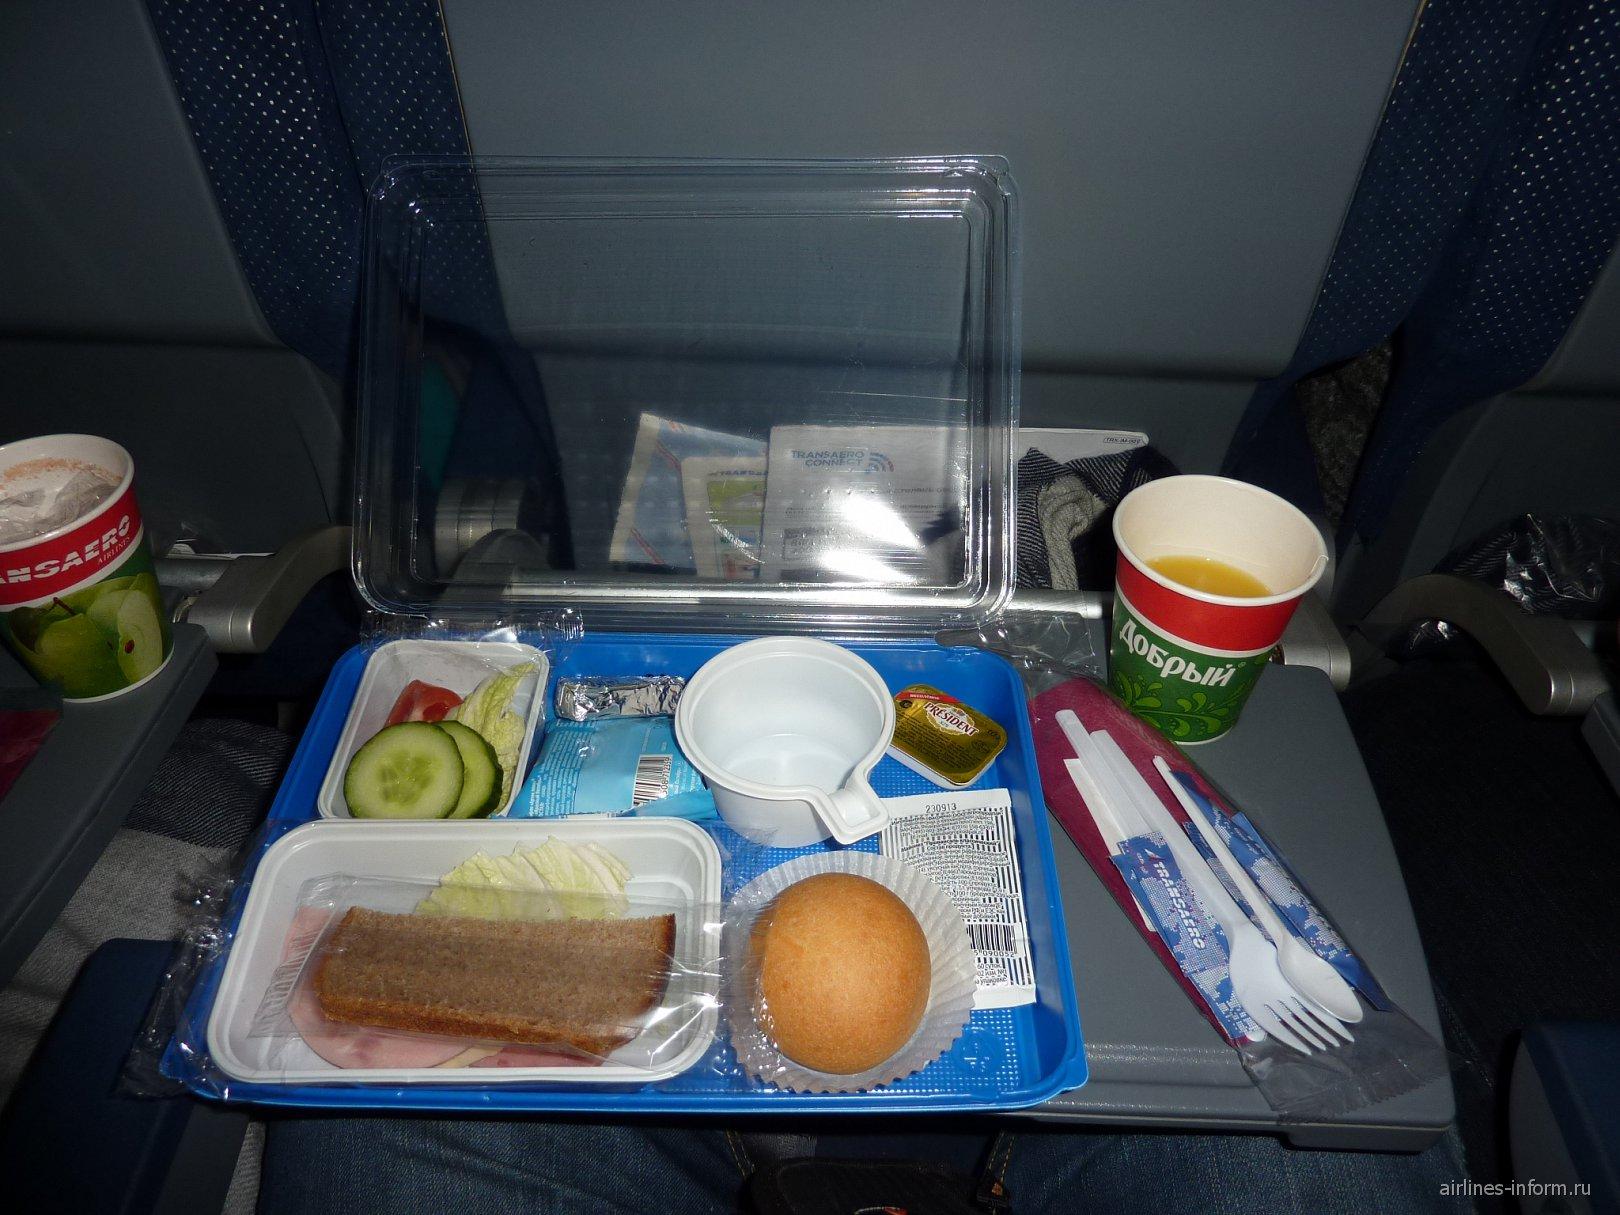 Питание на чартерном рейсе Трансаэро Москва-Анталья